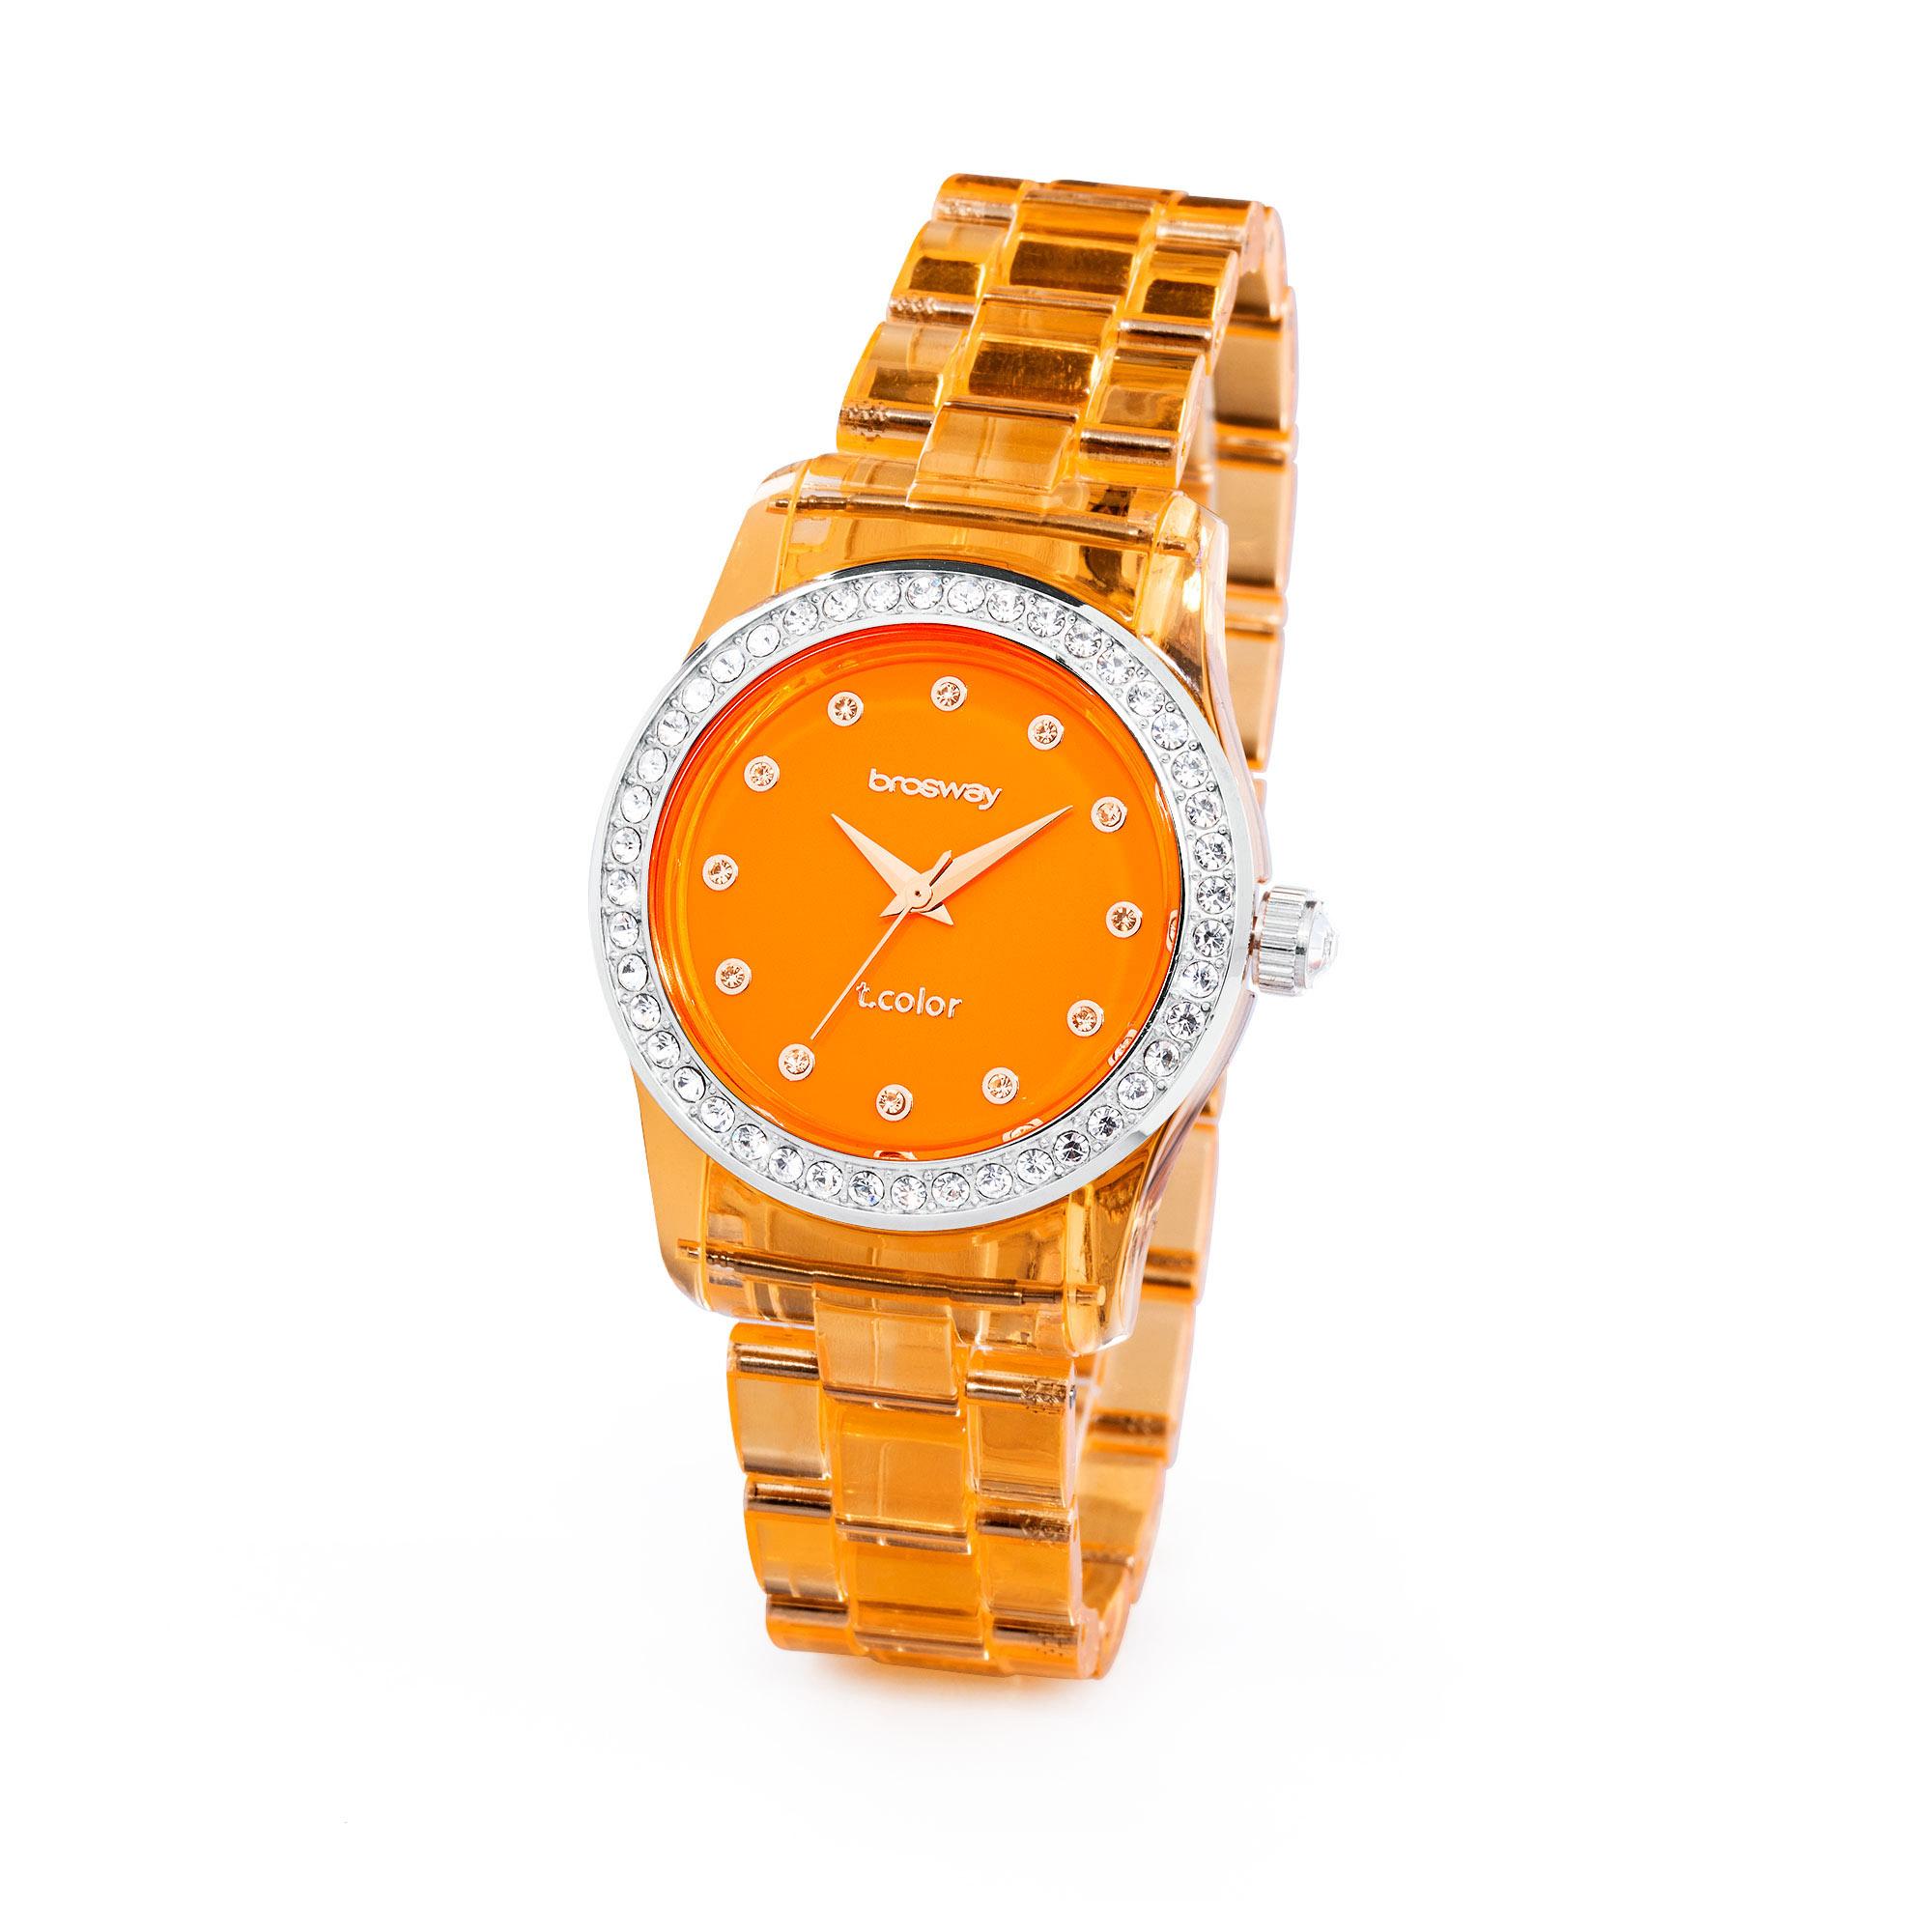 orologio-brosway-t-color-mini